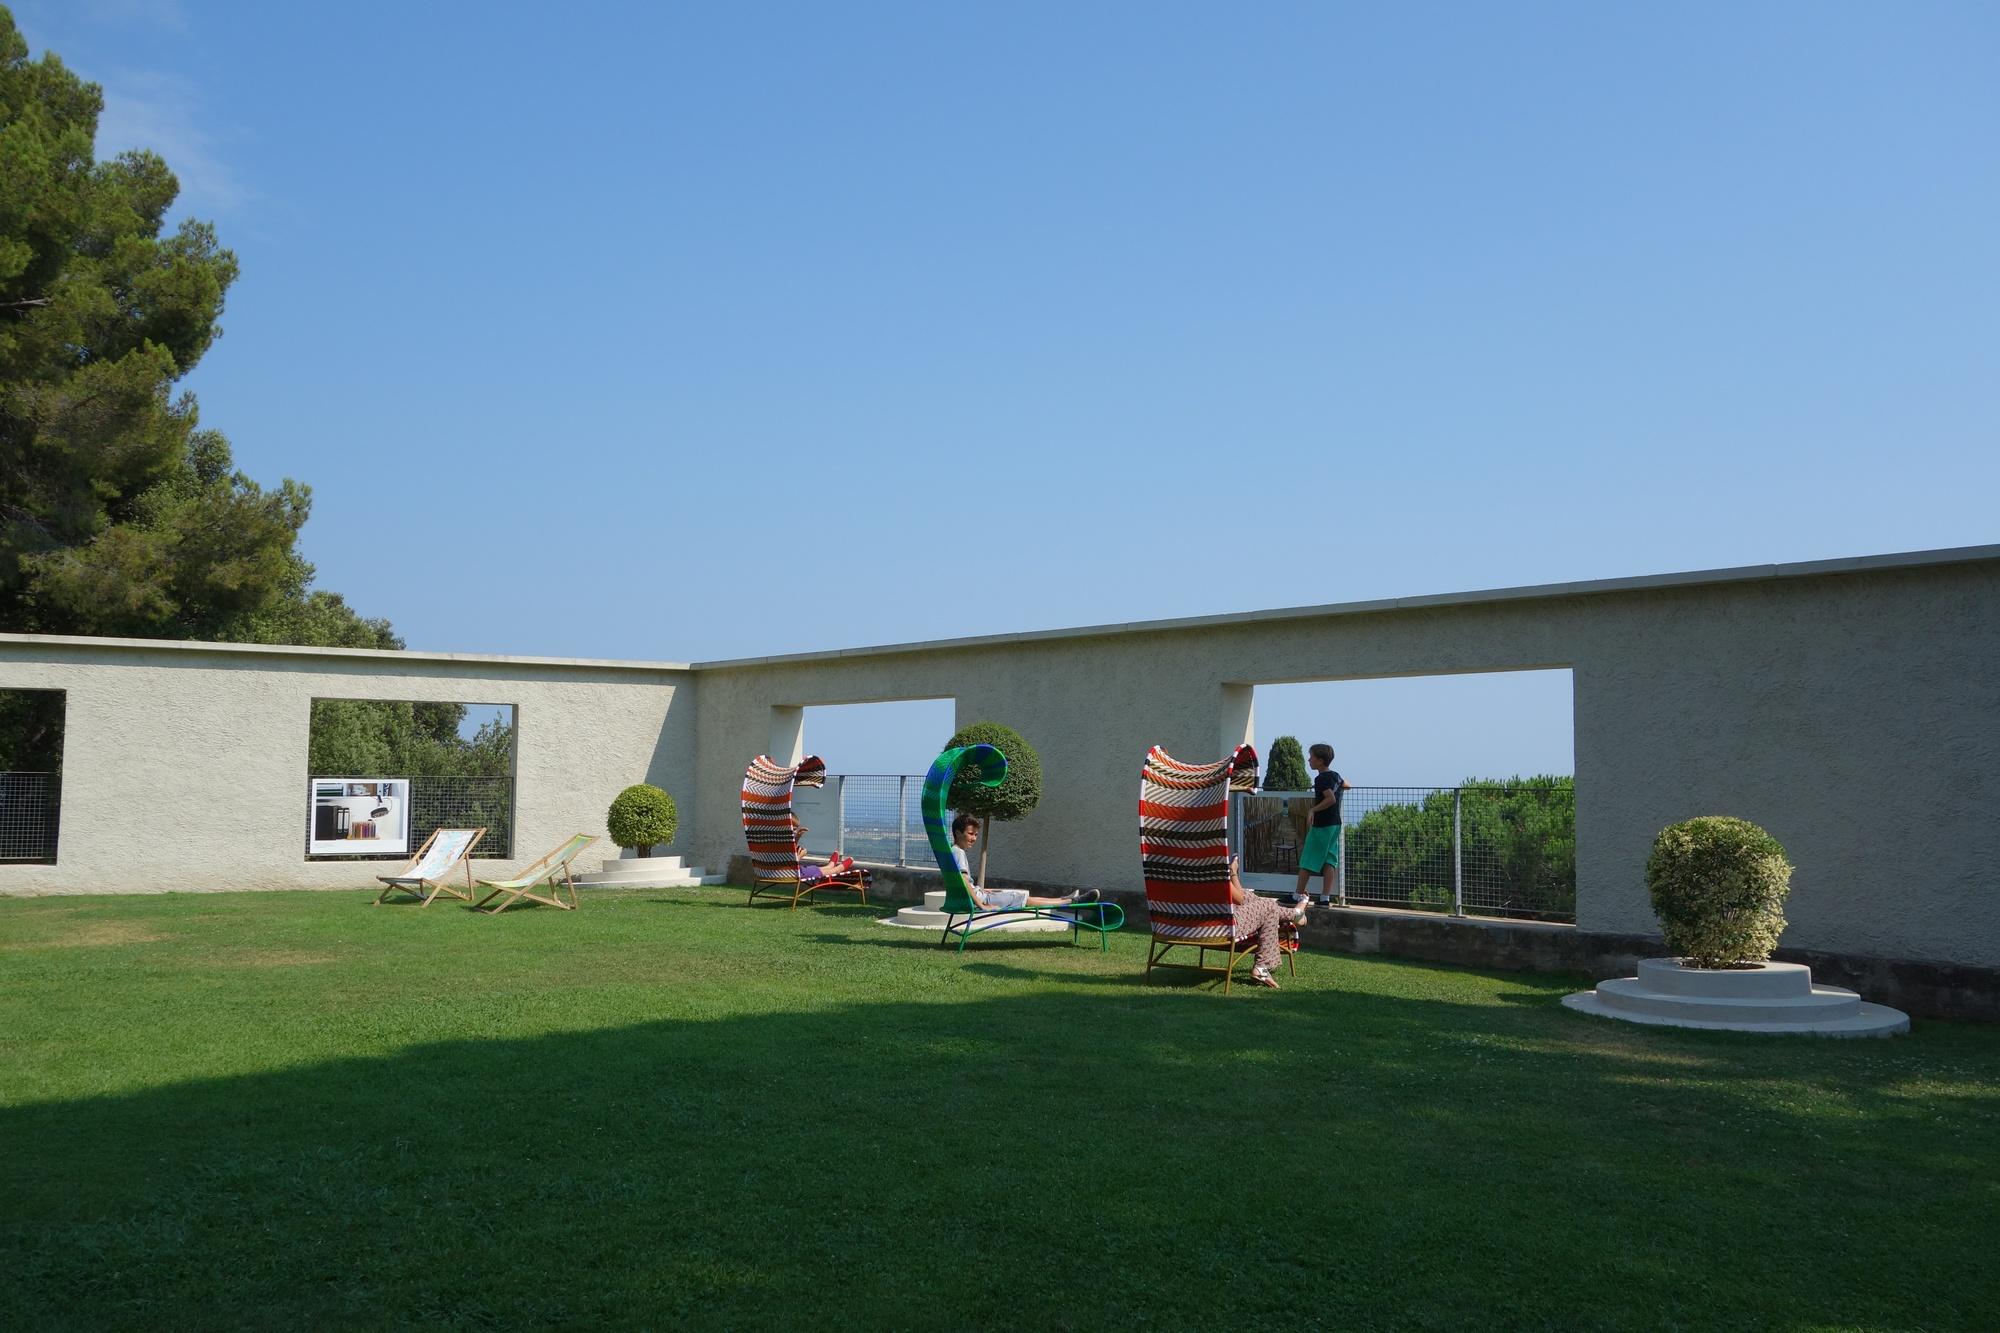 Villa Noailles à Hyères - Hyères Tourisme